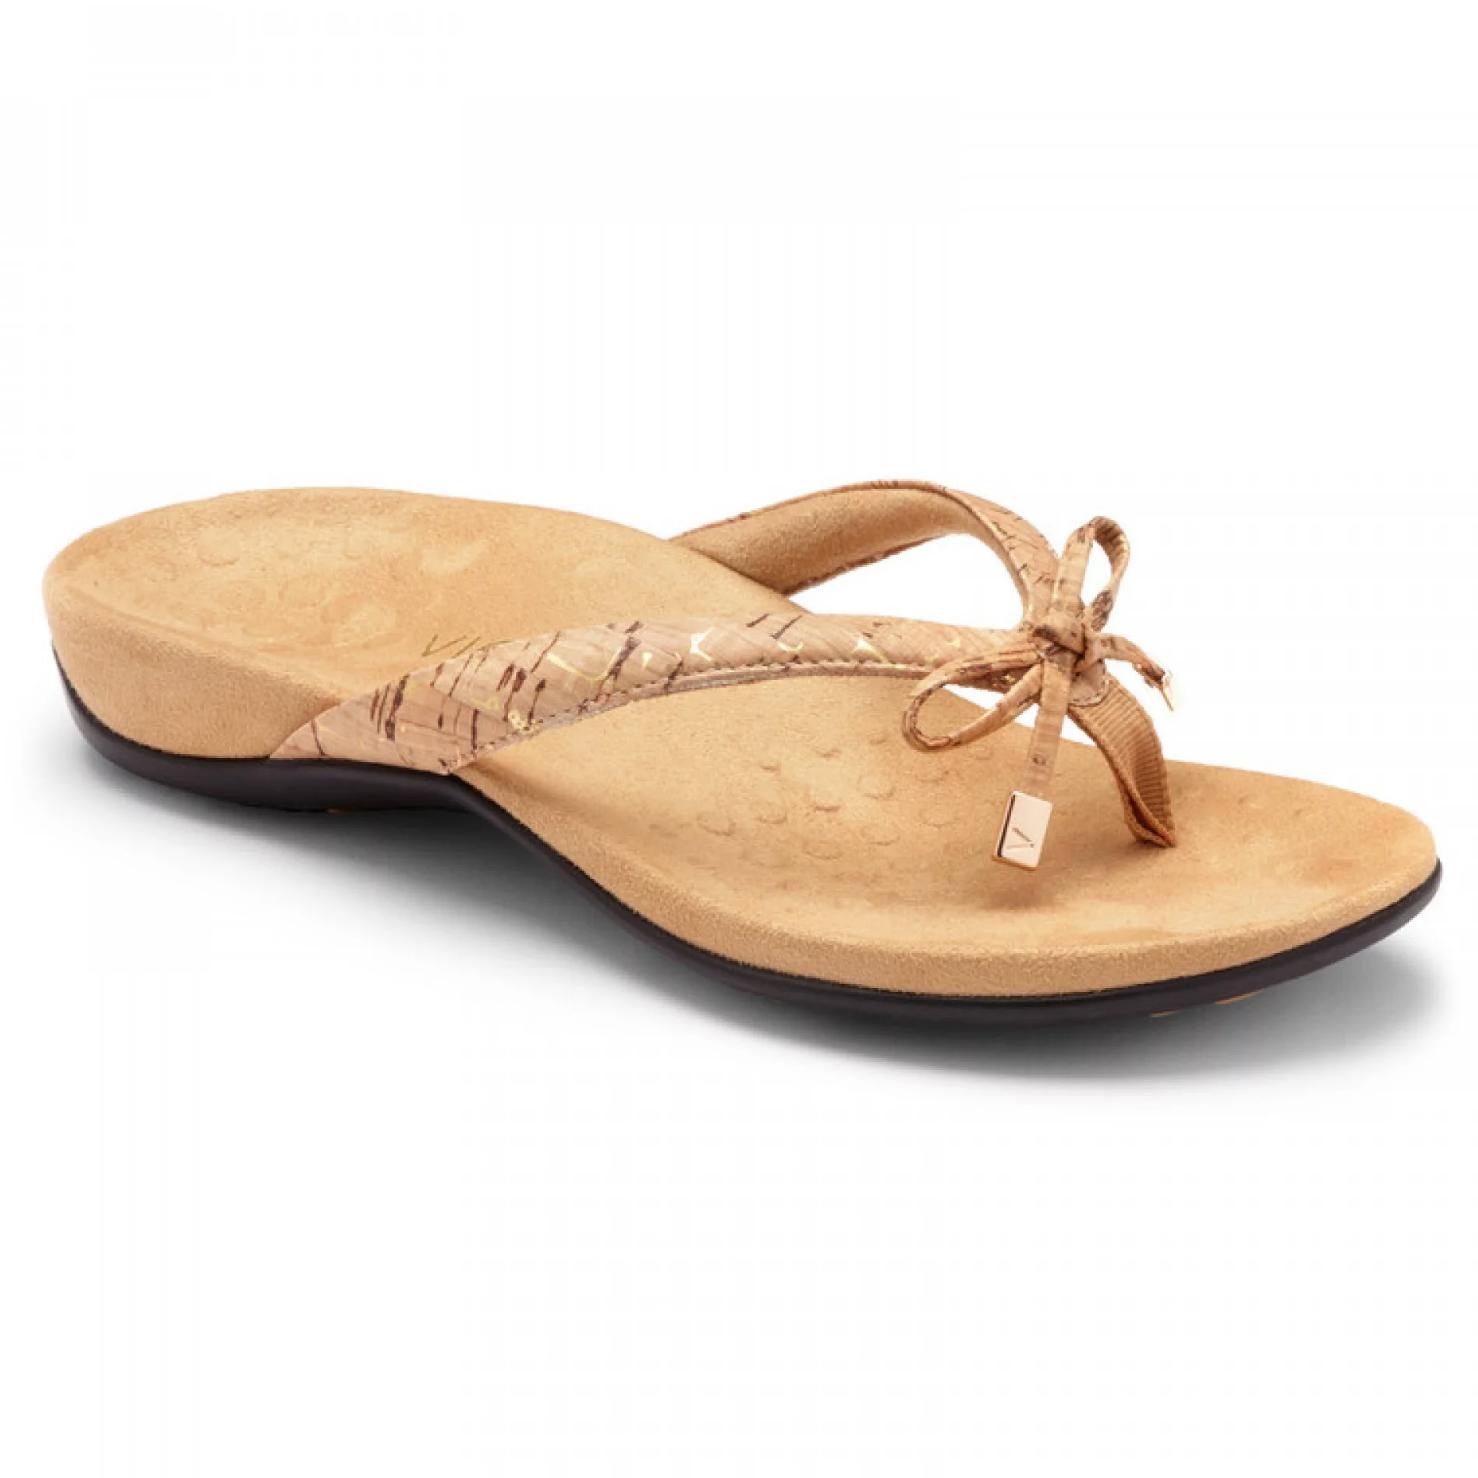 c7ea0883456c Vionic Women s Bella II Toe-Post Sandal Gold Cork